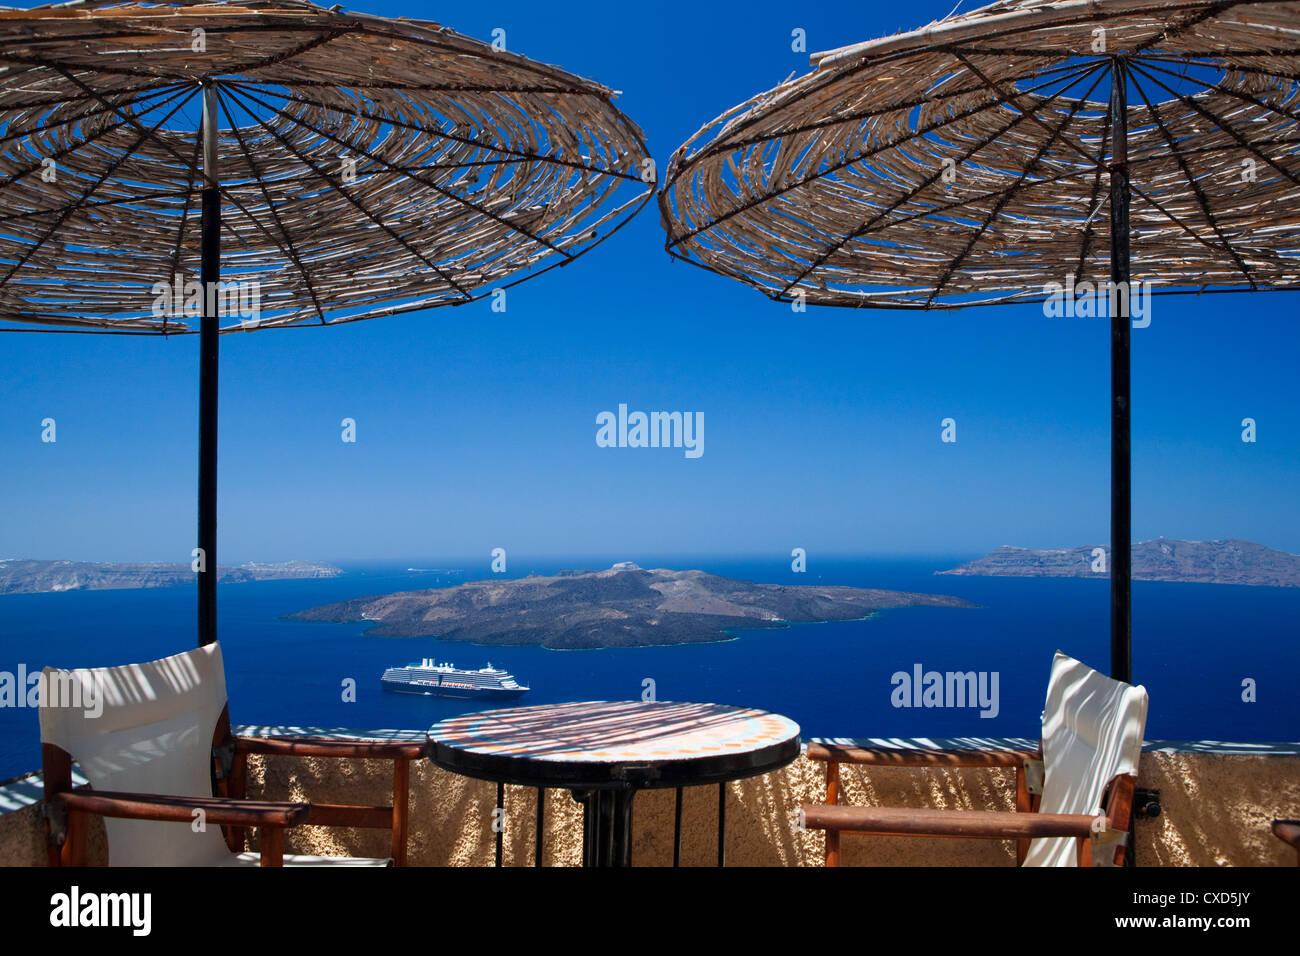 Terrasse mit Blick auf die Caldera, Santorin, Kykladen, griechische Inseln, Griechenland, Europa Stockbild